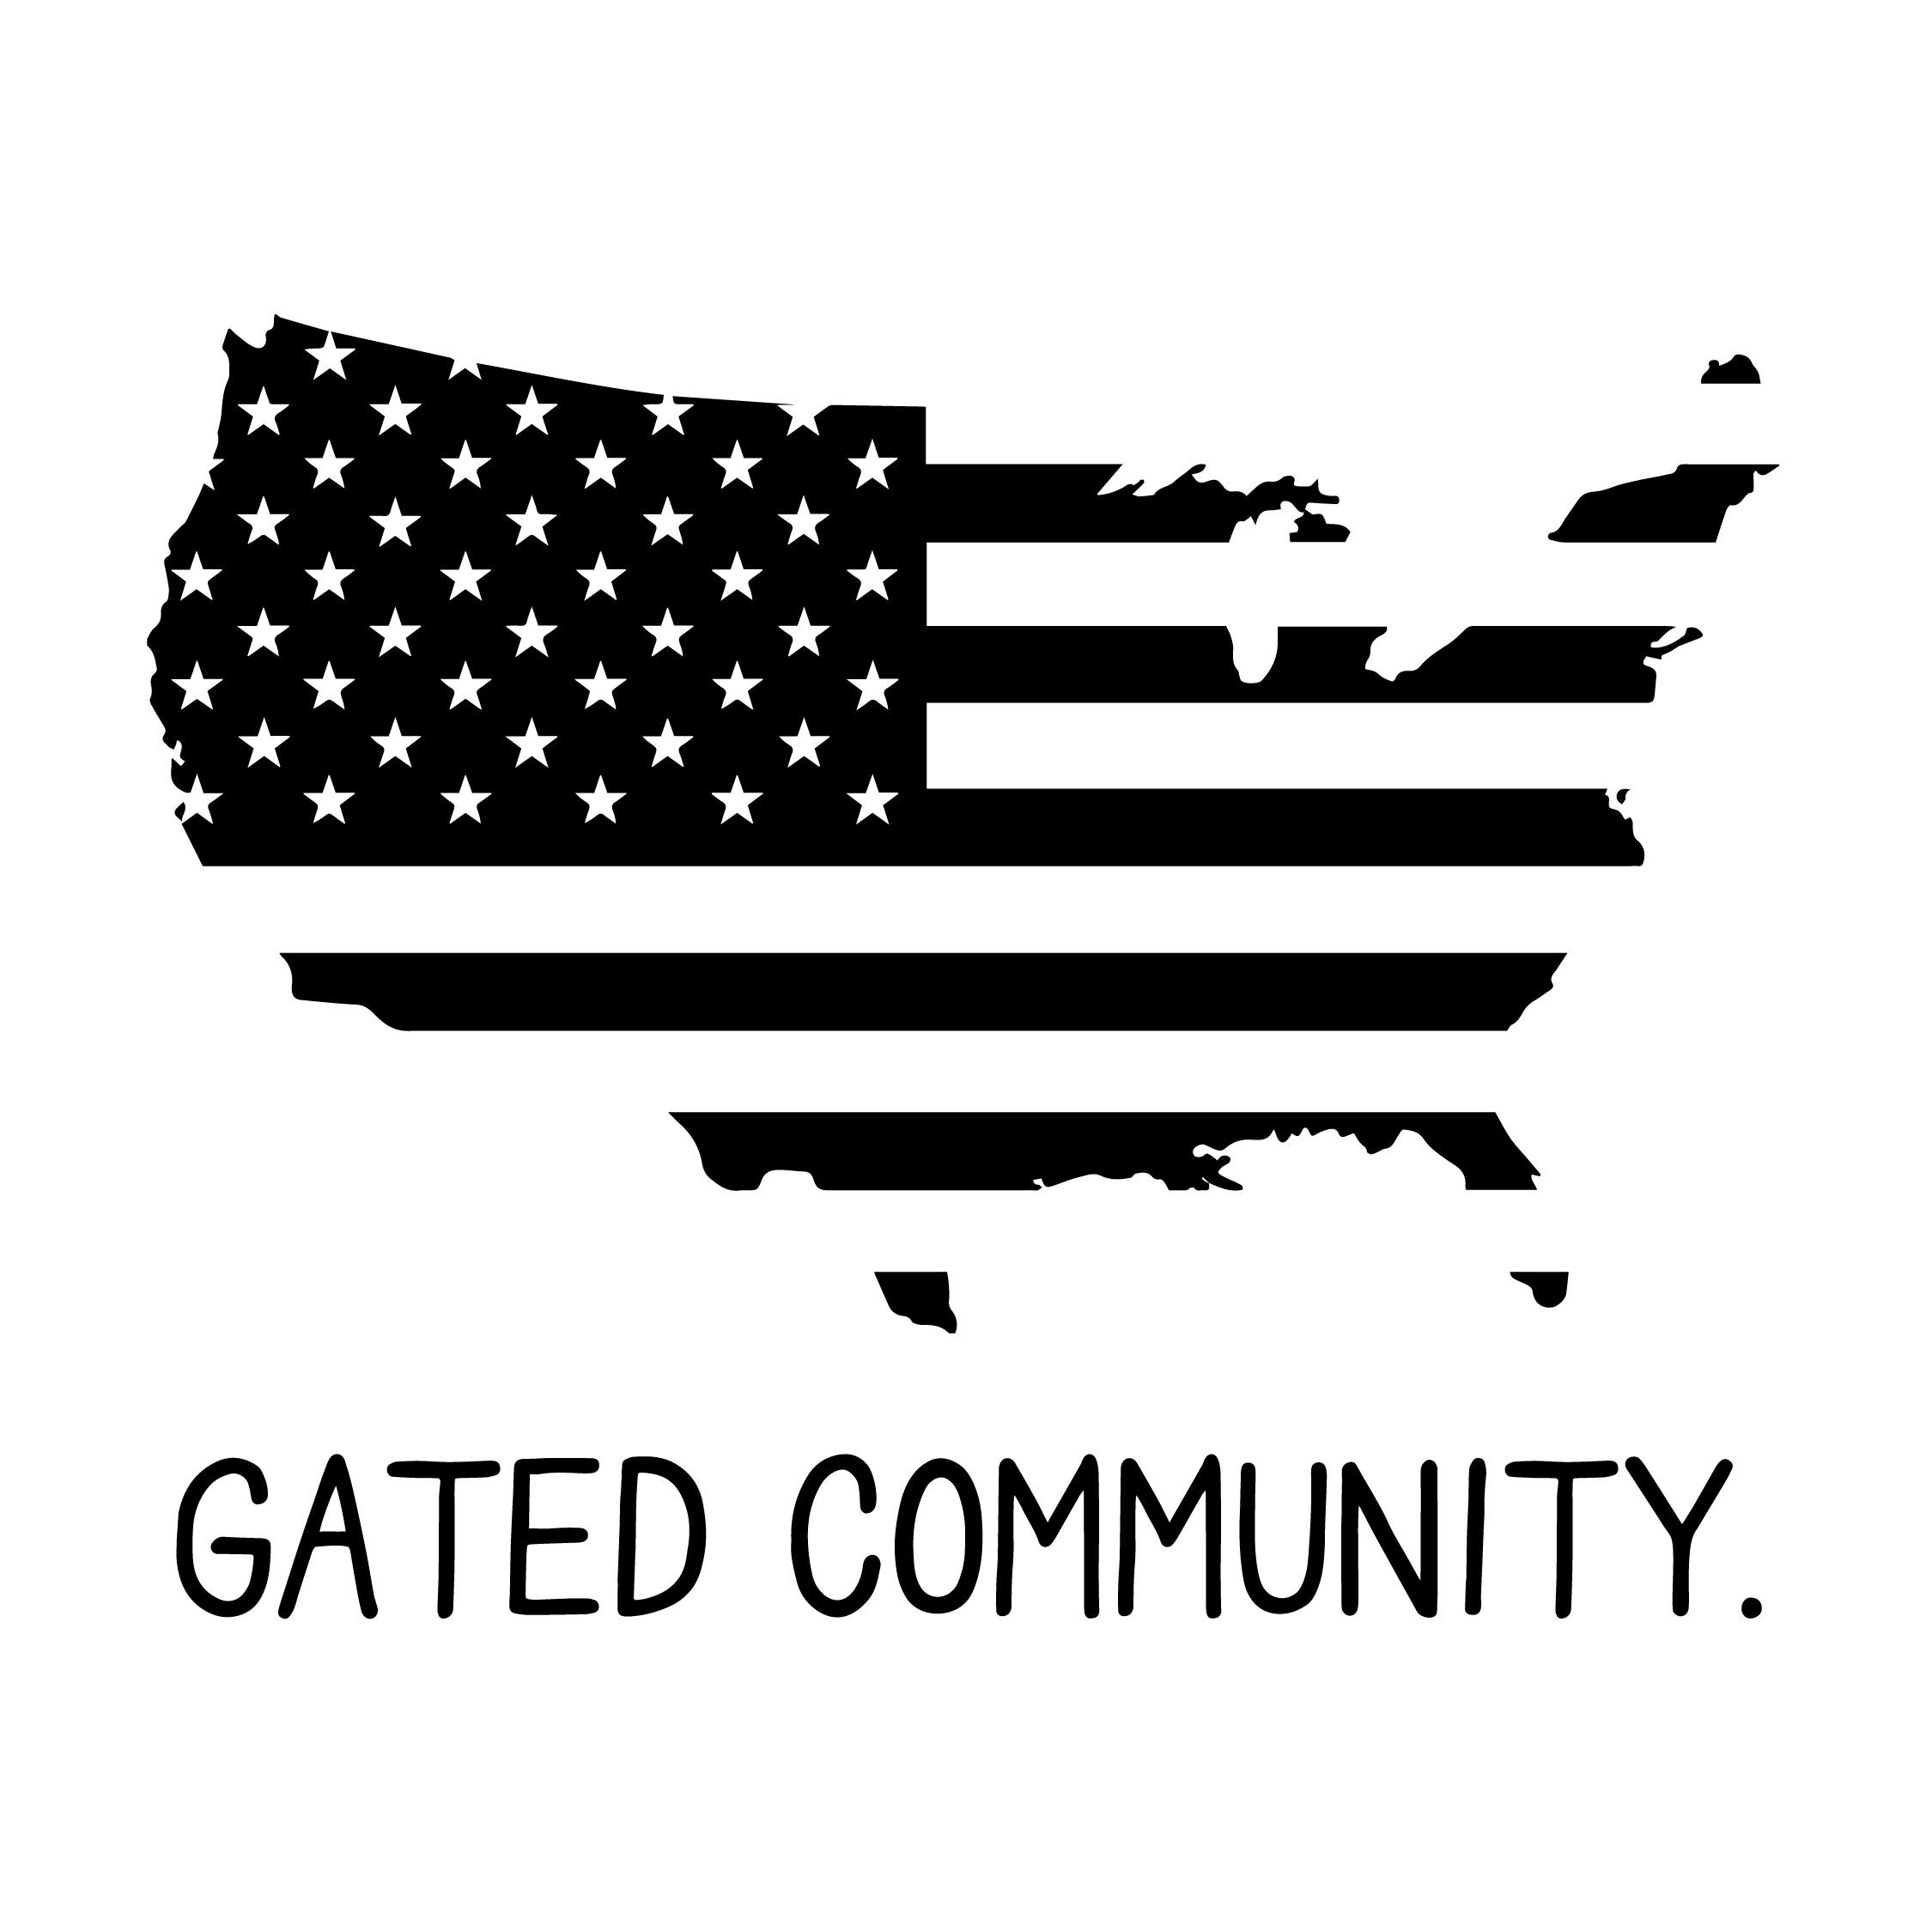 gatedcommunity-01.jpg